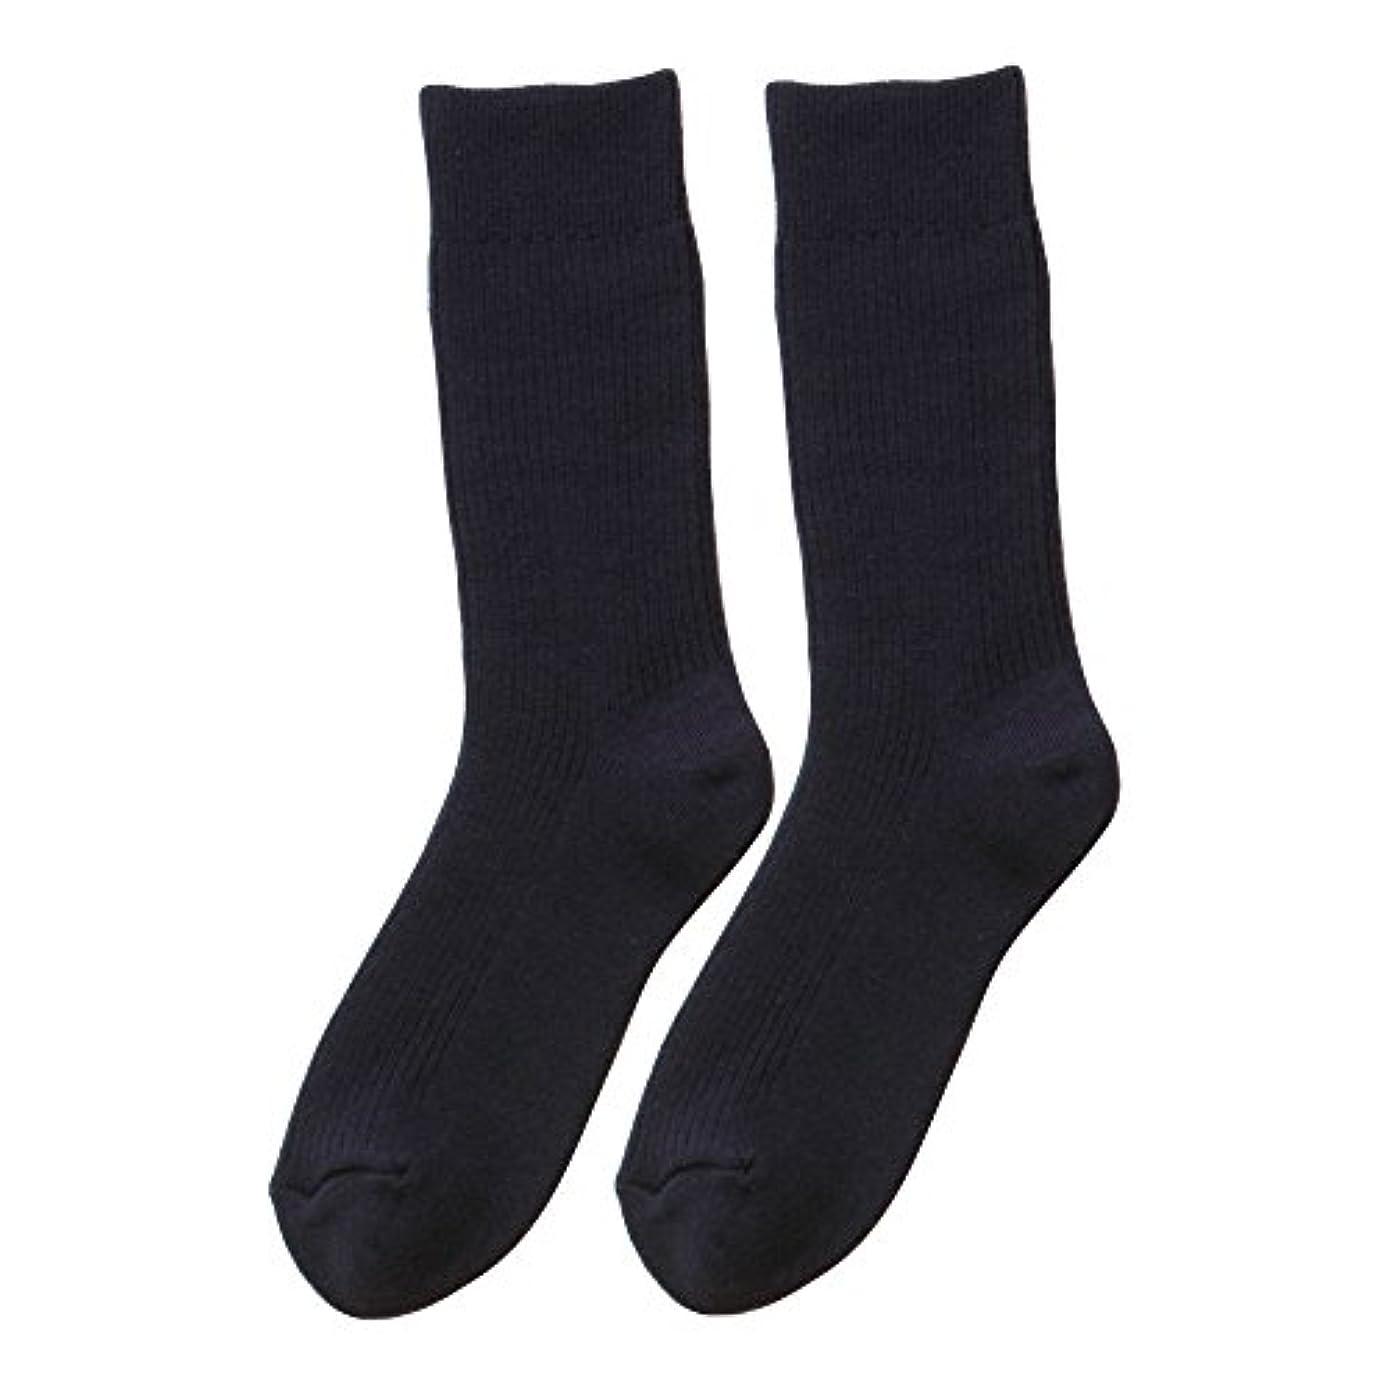 カカドゥクレーター悲しいことにひだまり ダブルソックス 紳士用 靴下[24~26cm] コン